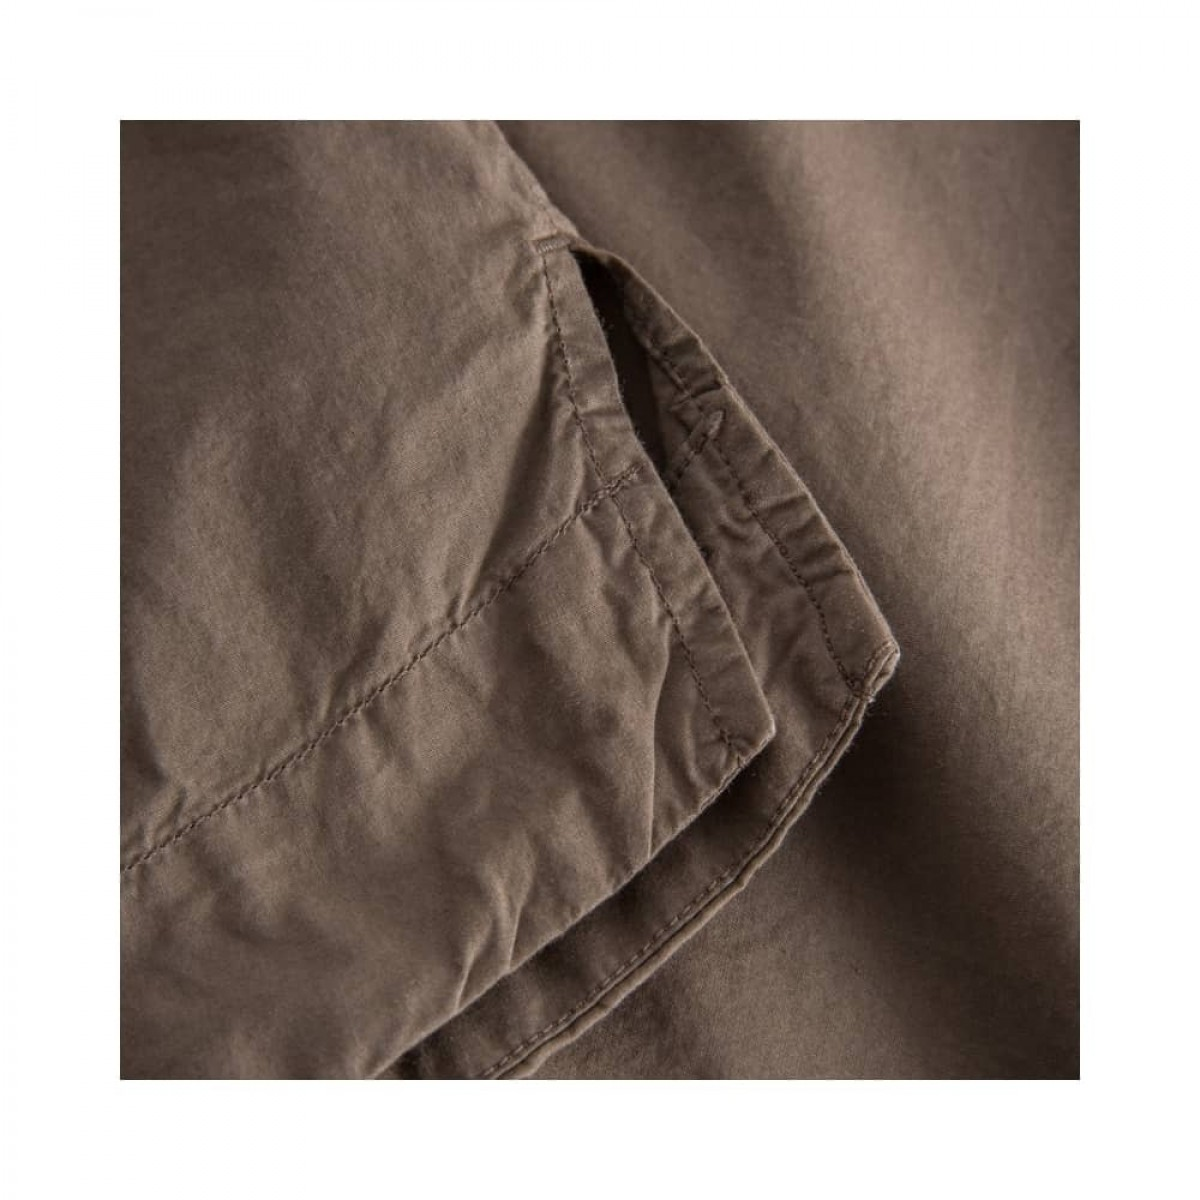 sada skjorte bluse - brown - slids detalje